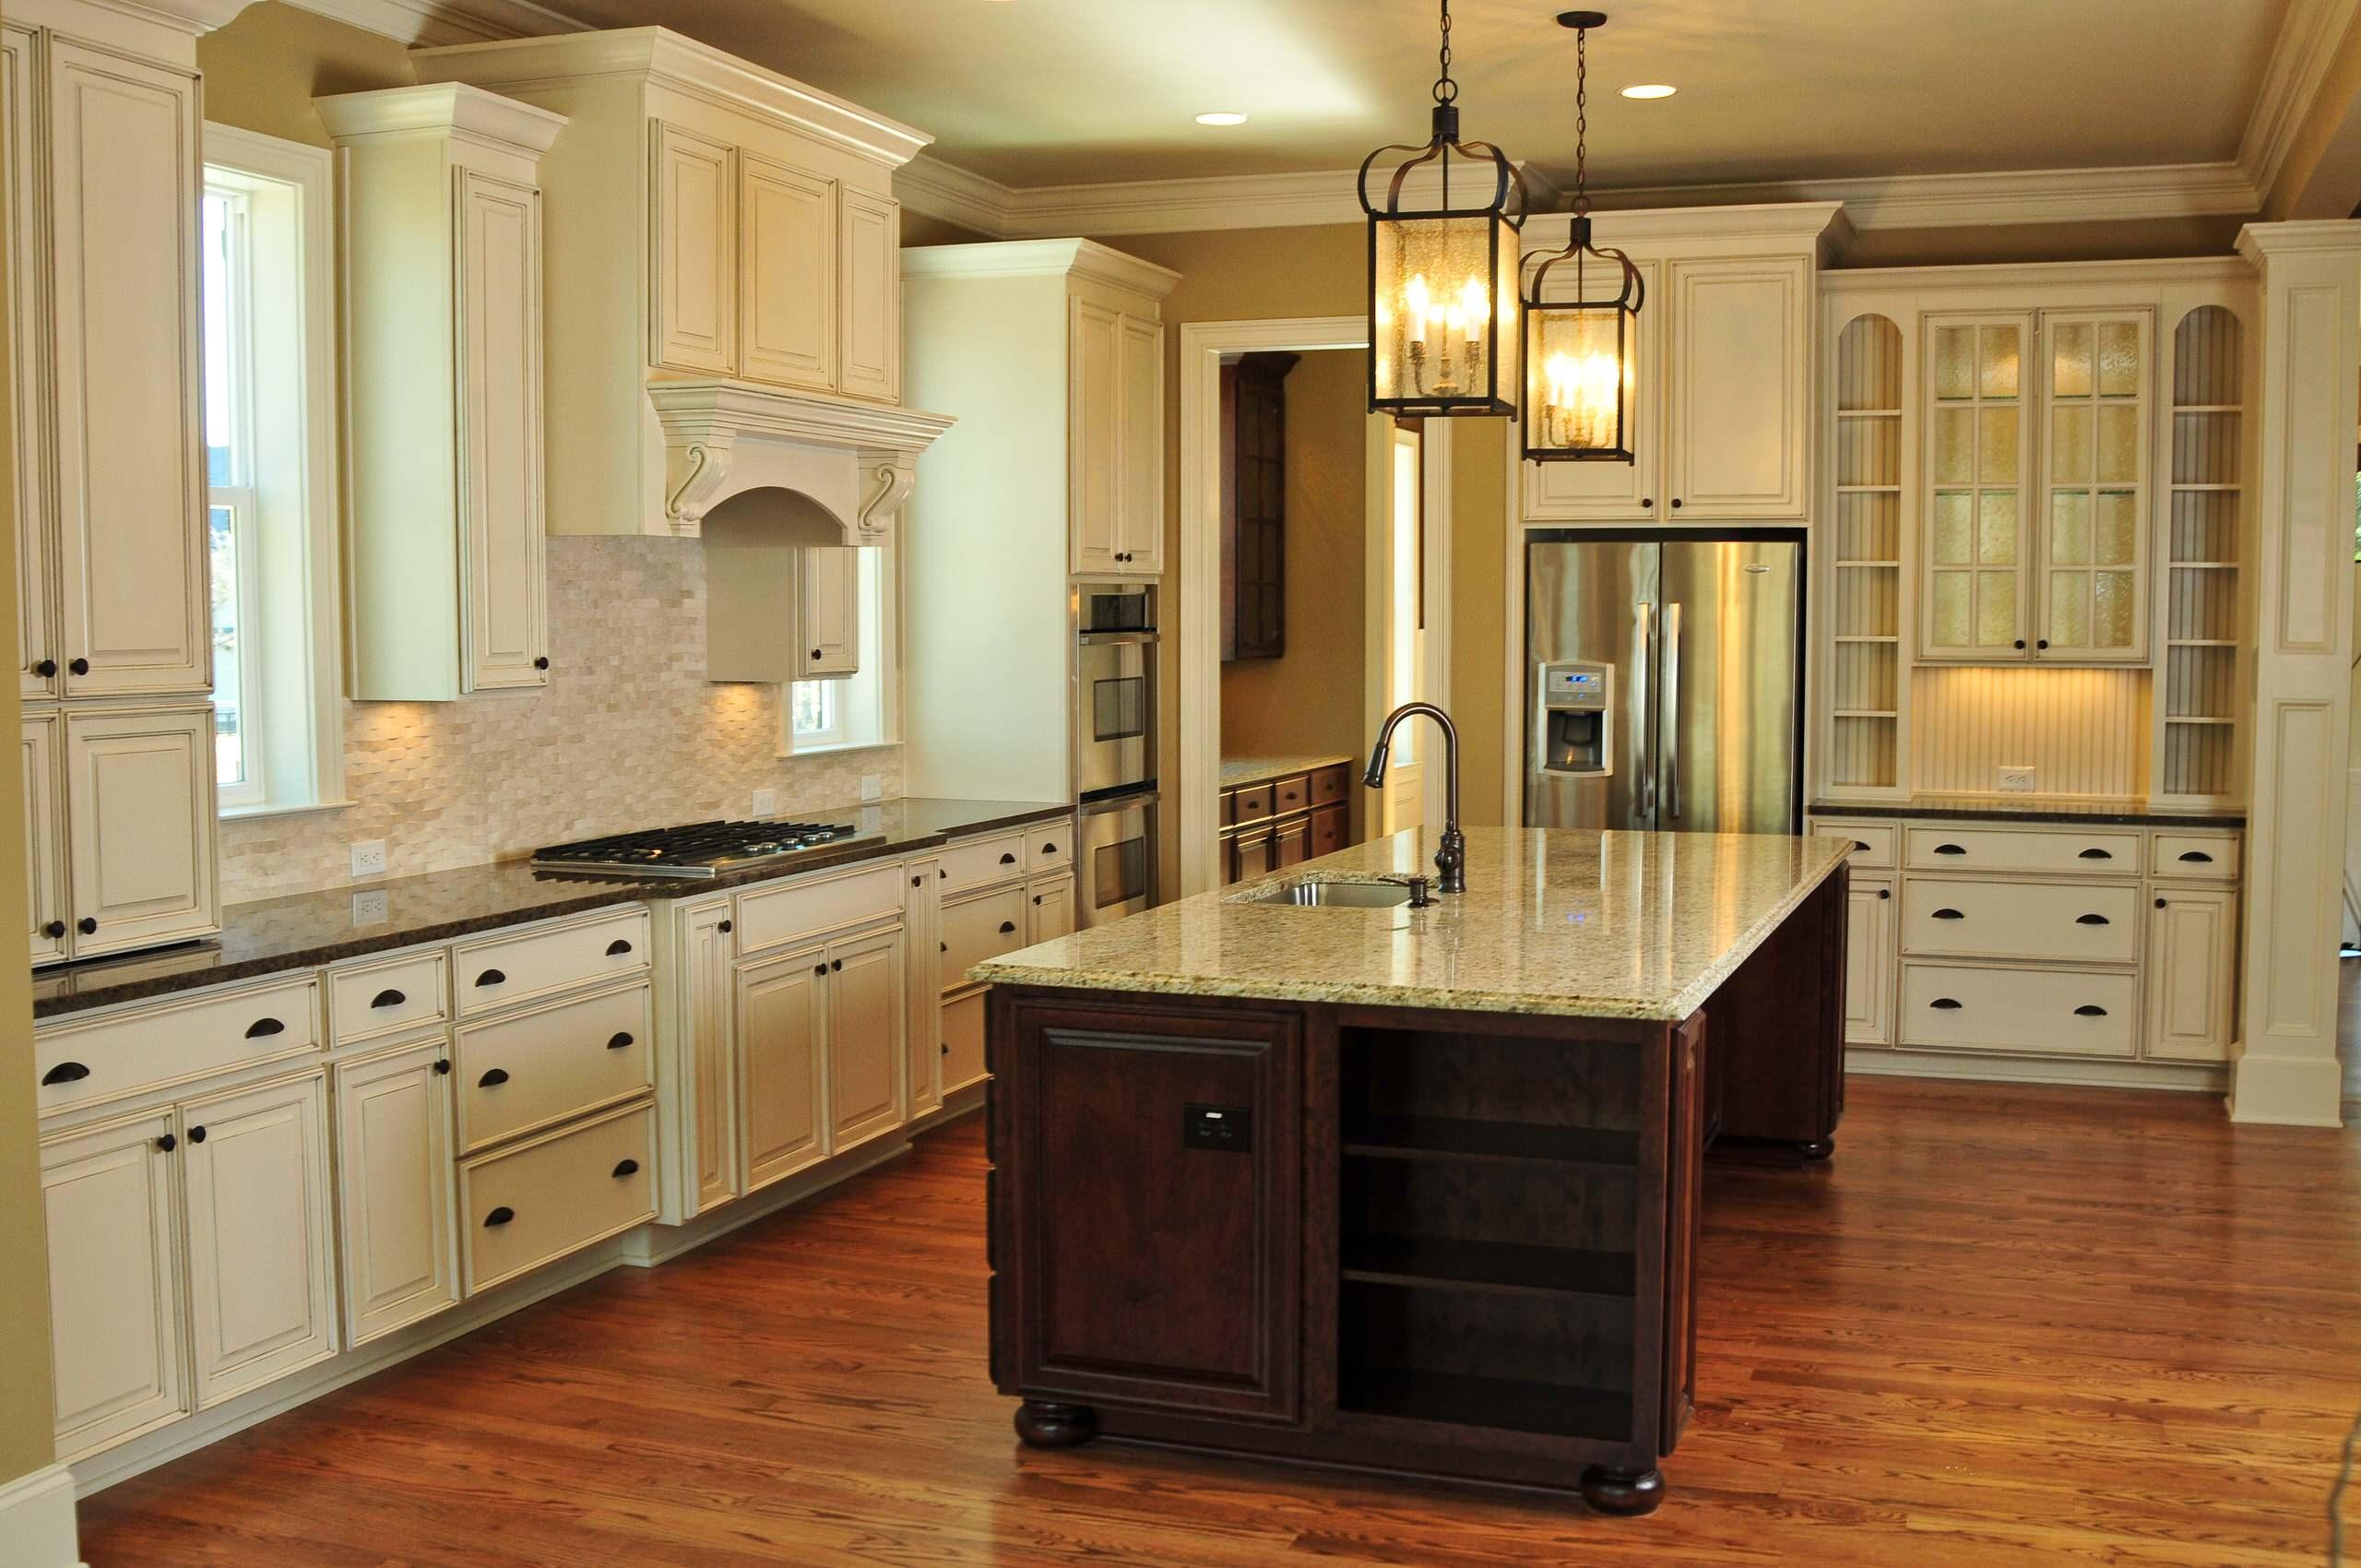 12 By 12 Kitchen Designs Home Architec Ideas